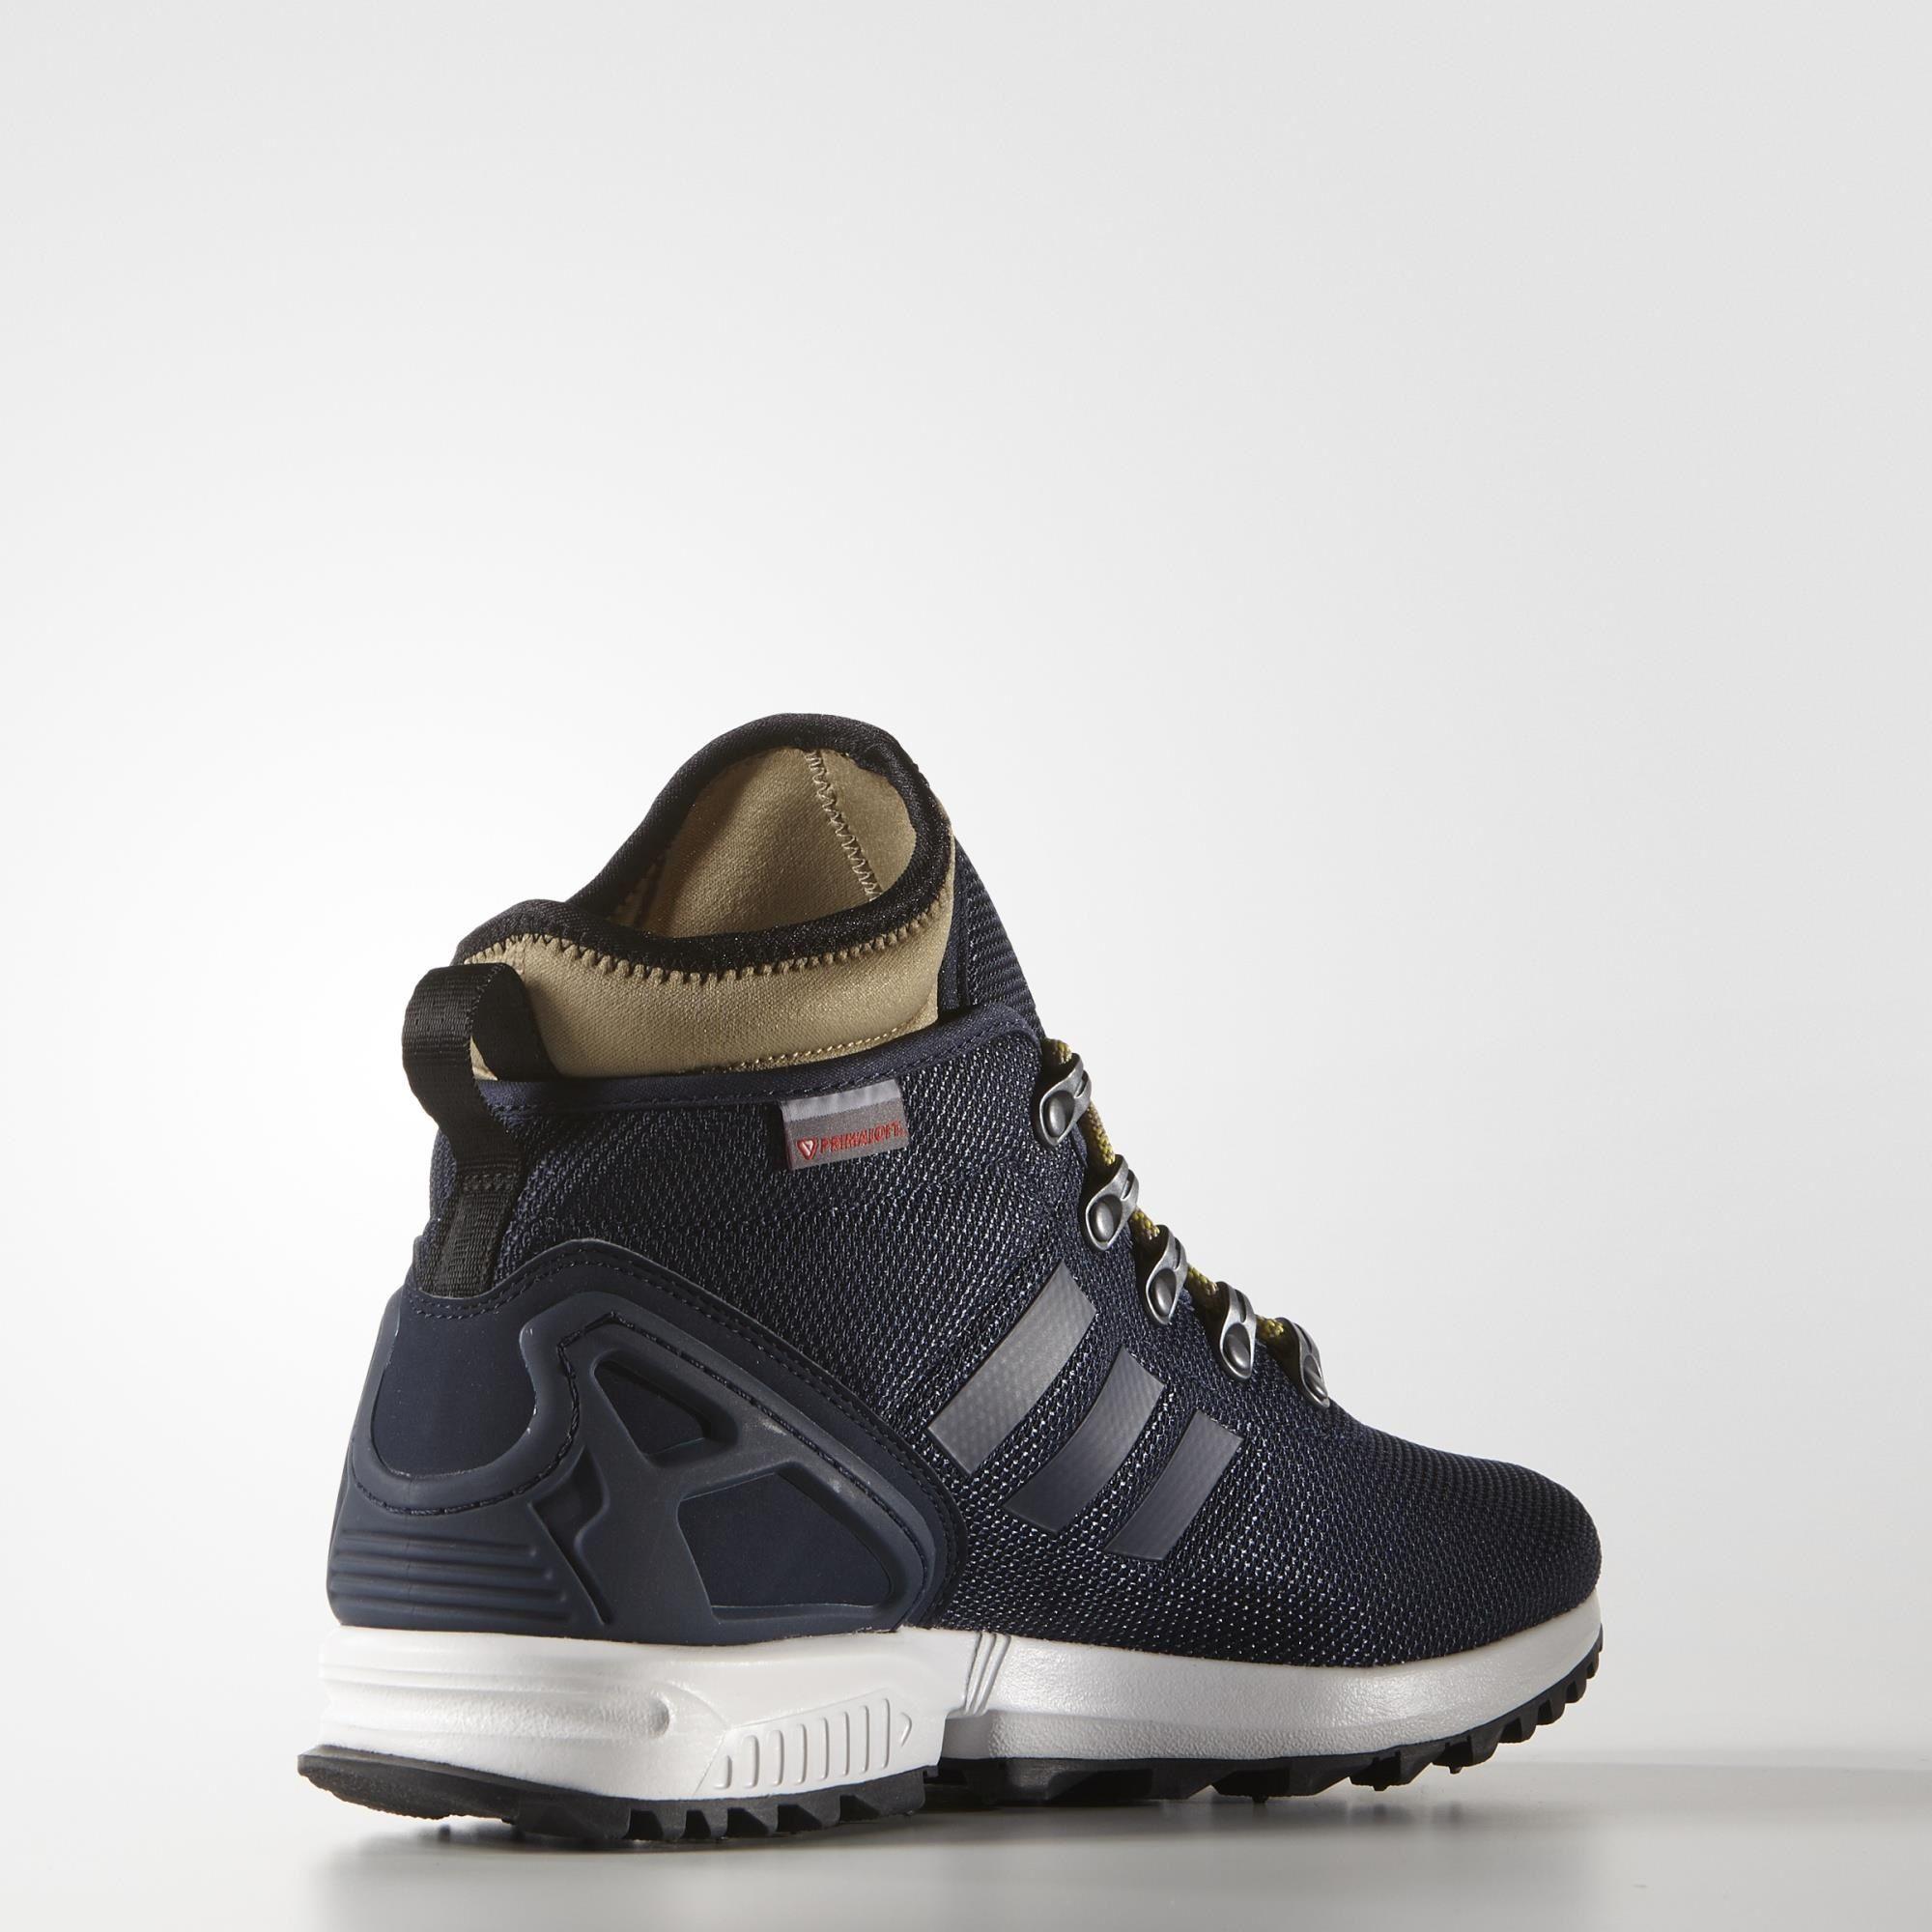 scarpe adidas uomo torsion